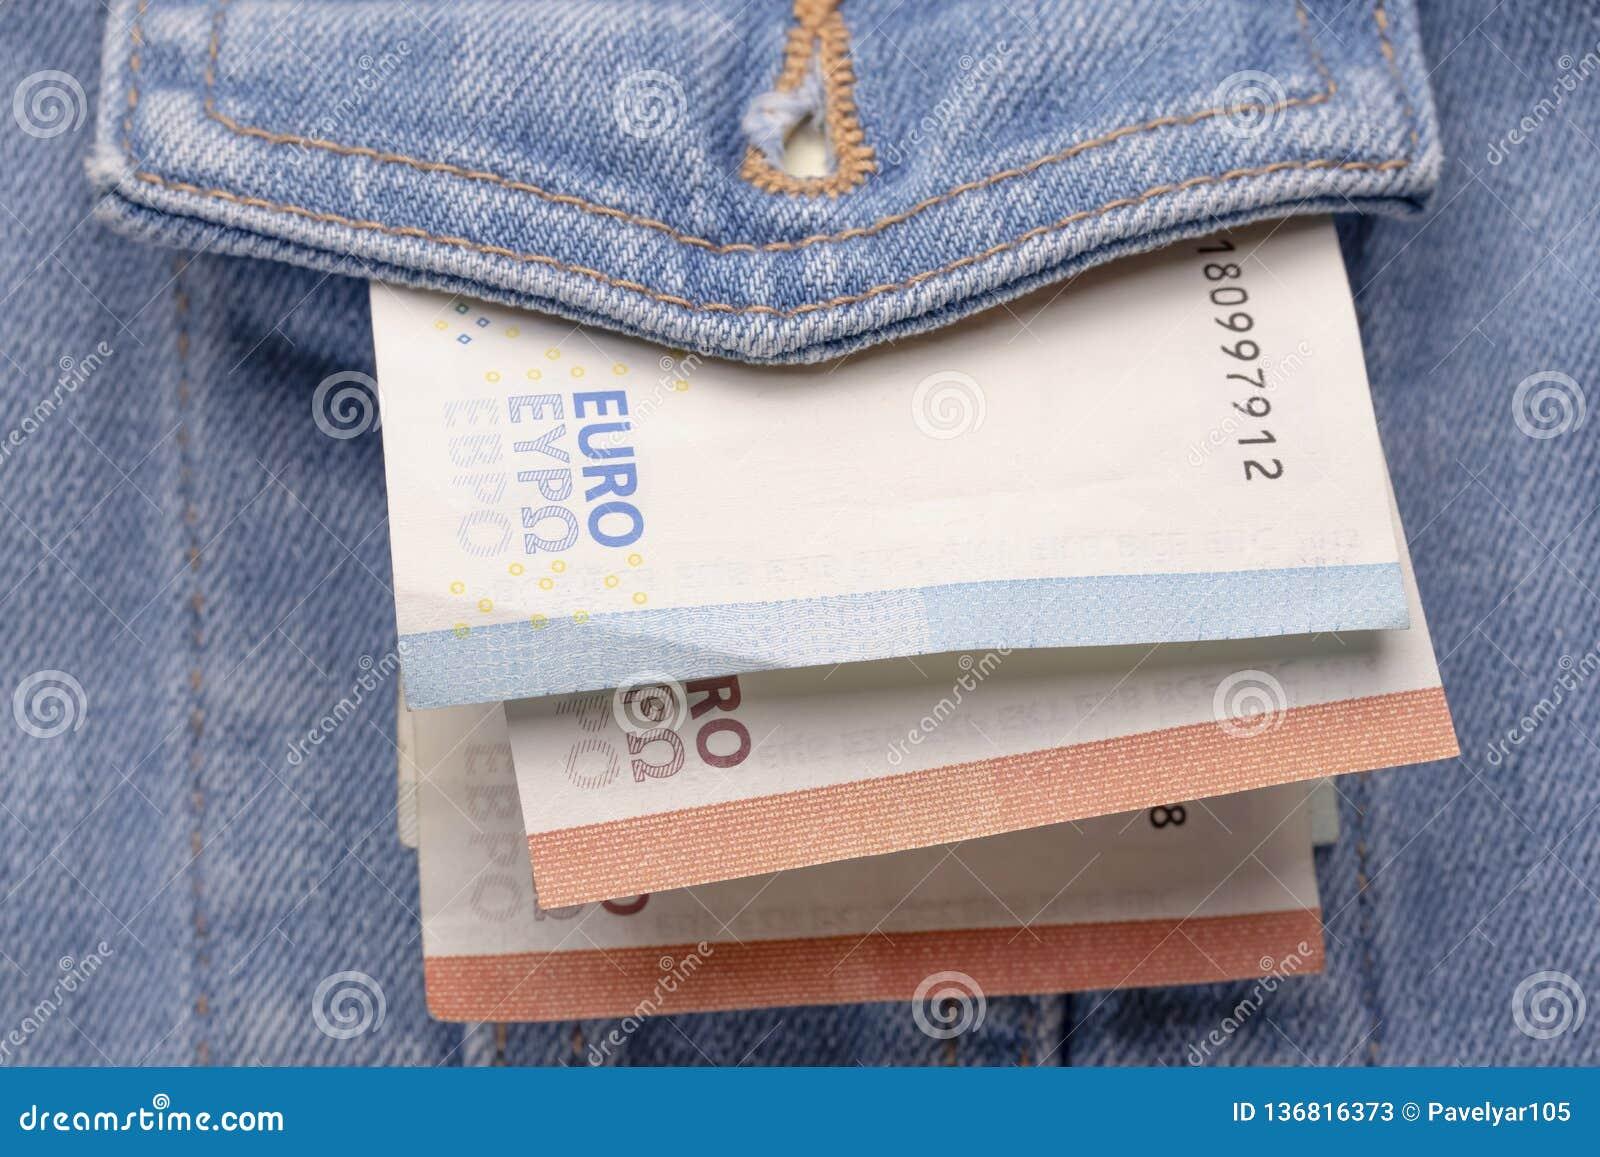 Przetarta klasyczna drelichowa kurtka w przodzie z małą ilością euro banknoty